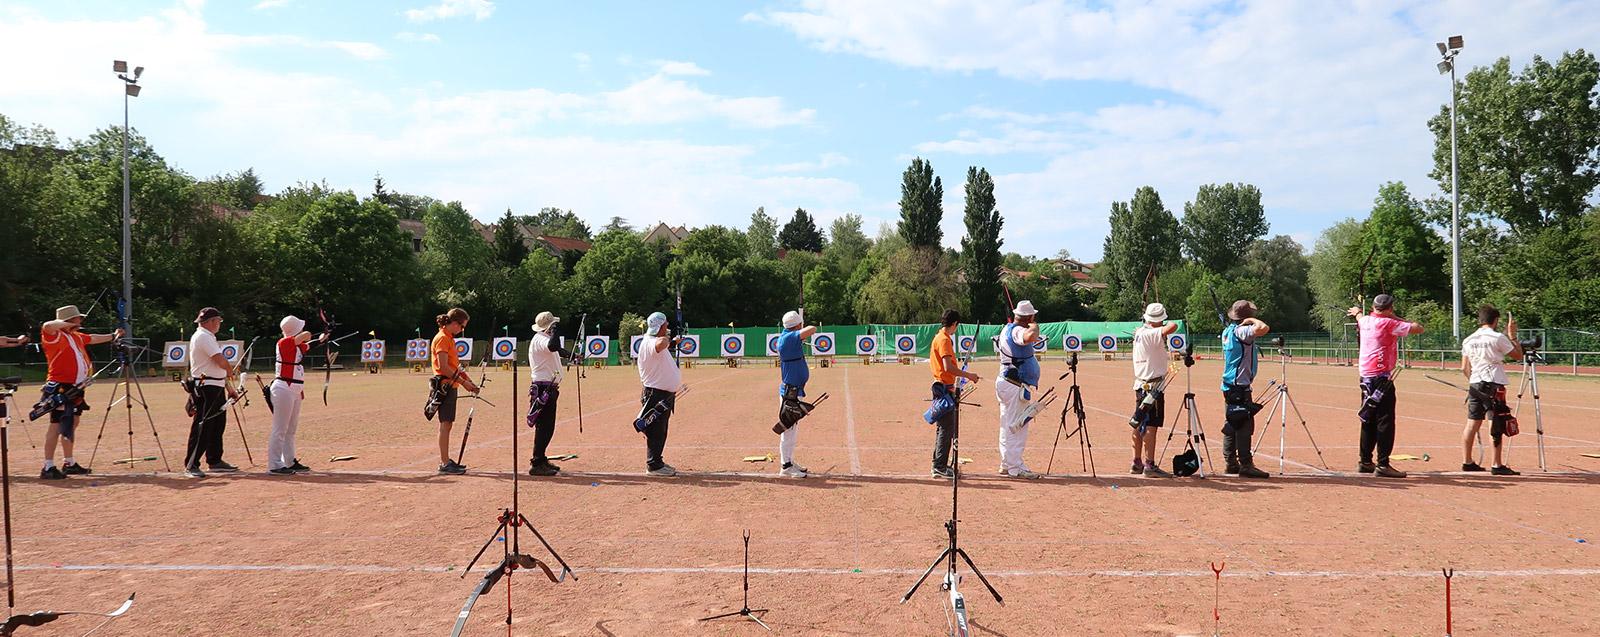 Association de Tir à l'arc Villefontaine, compétition du 25 mai.